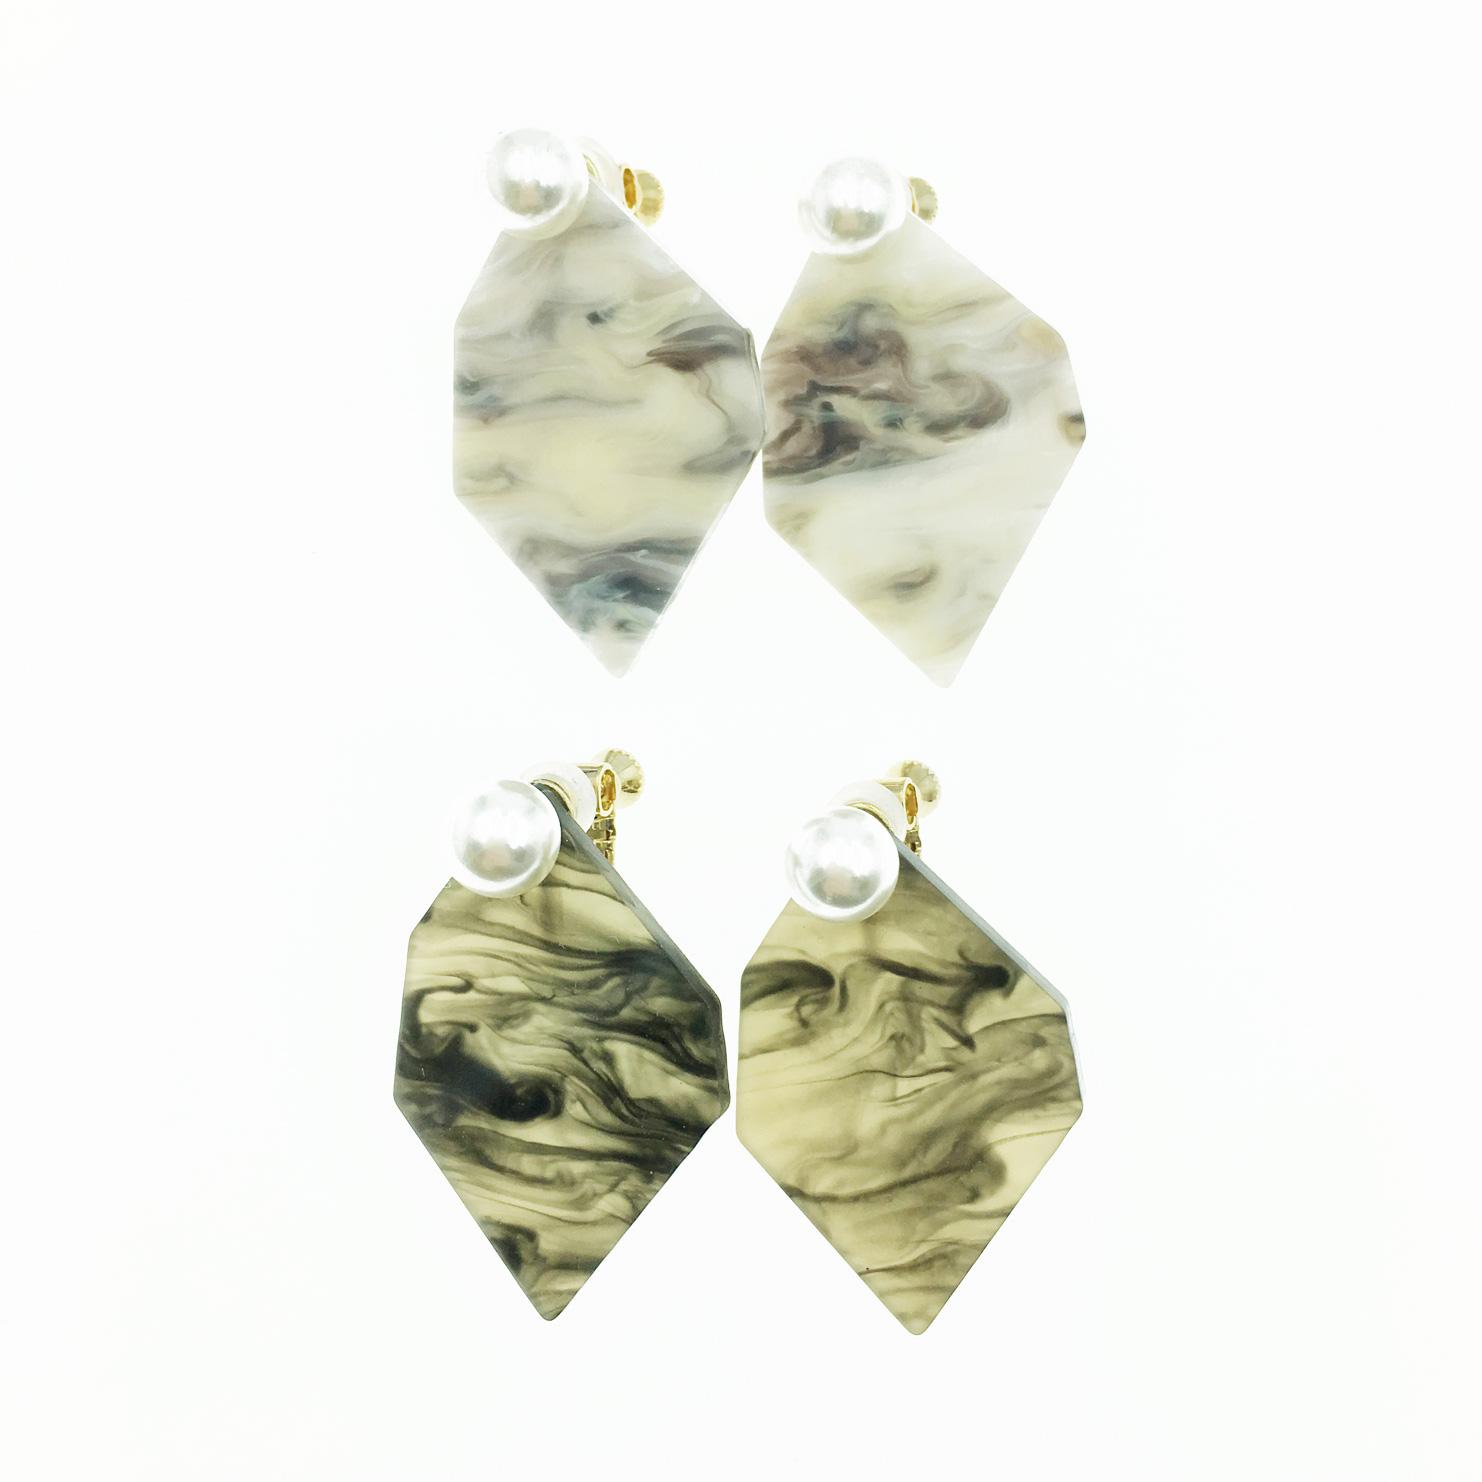 韓國 珍珠 不規則形 大理石 2色 流行時尚 夾式耳環